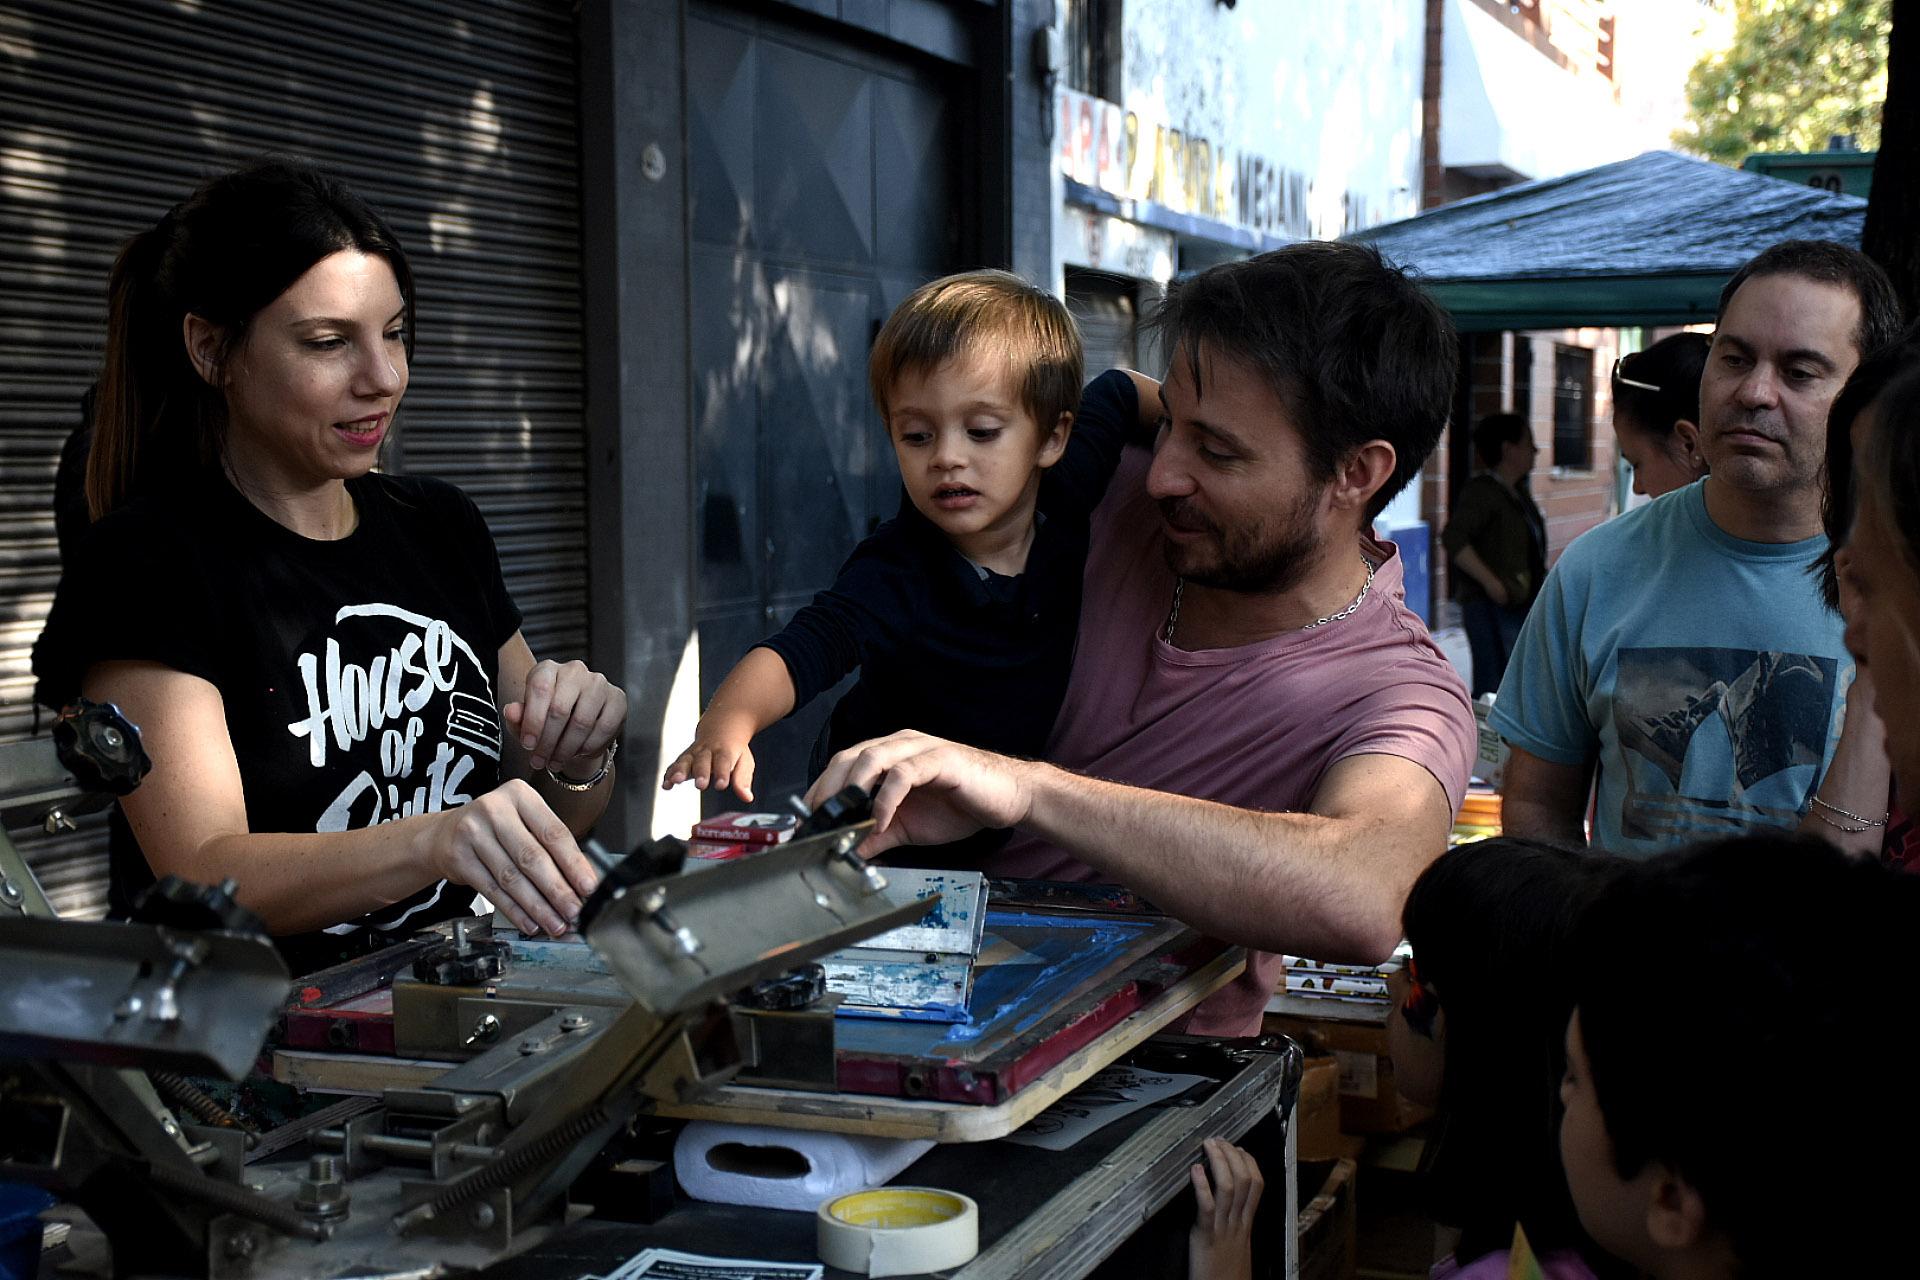 Los pequeños de la familia tuvieron interacción en todo momento. Miles de niños participaron en todas las actividades que la feria ofreció a lo largo de la calle Concepción Arenal en el barrio porteño de Chacarita